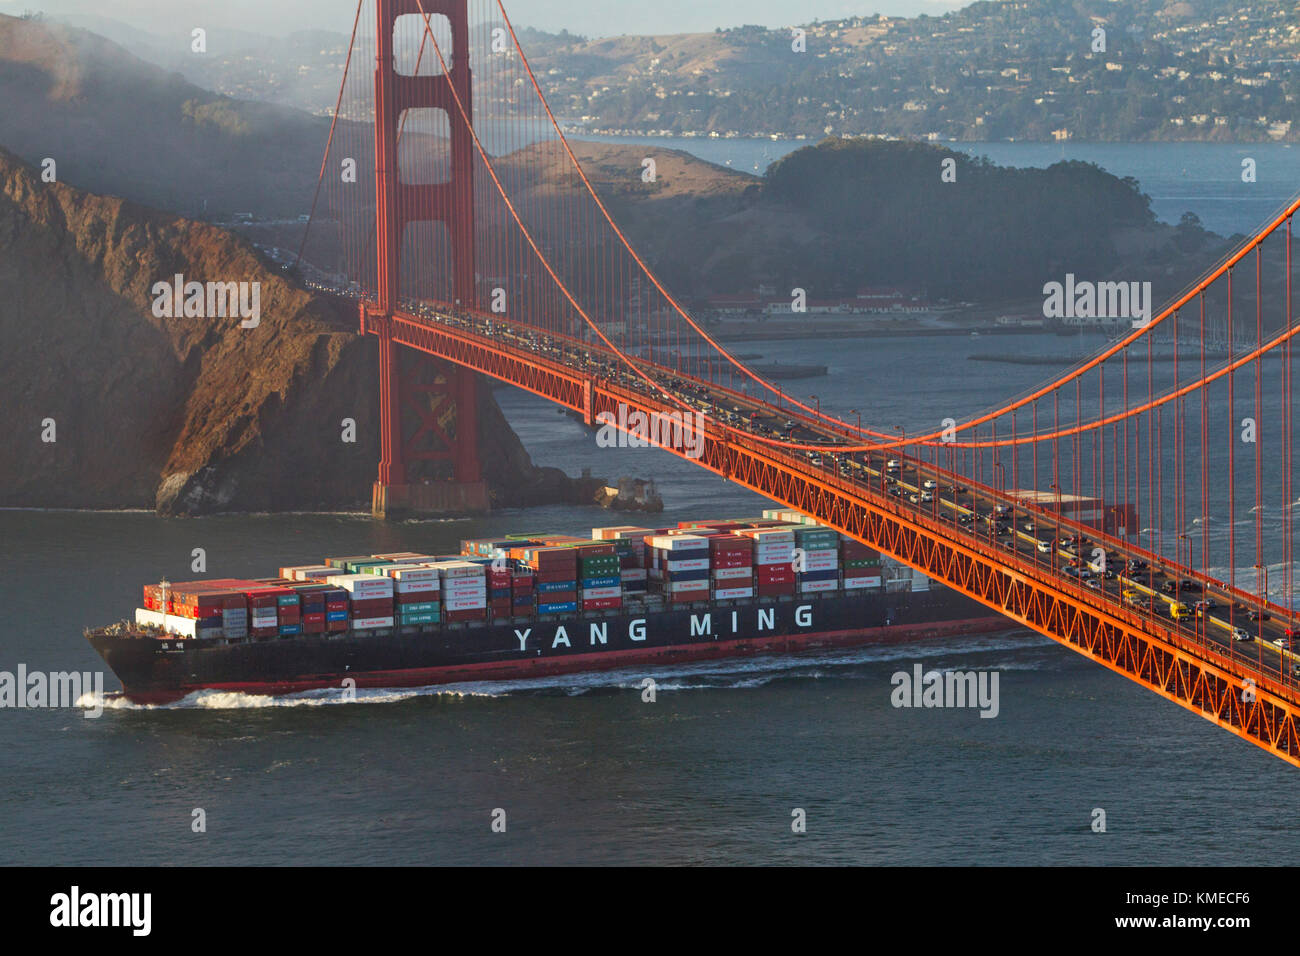 Carguero navegaba bajo el puente Golden Gate en la bahía de San Francisco, San Francisco, California, EE.UU. Imagen De Stock